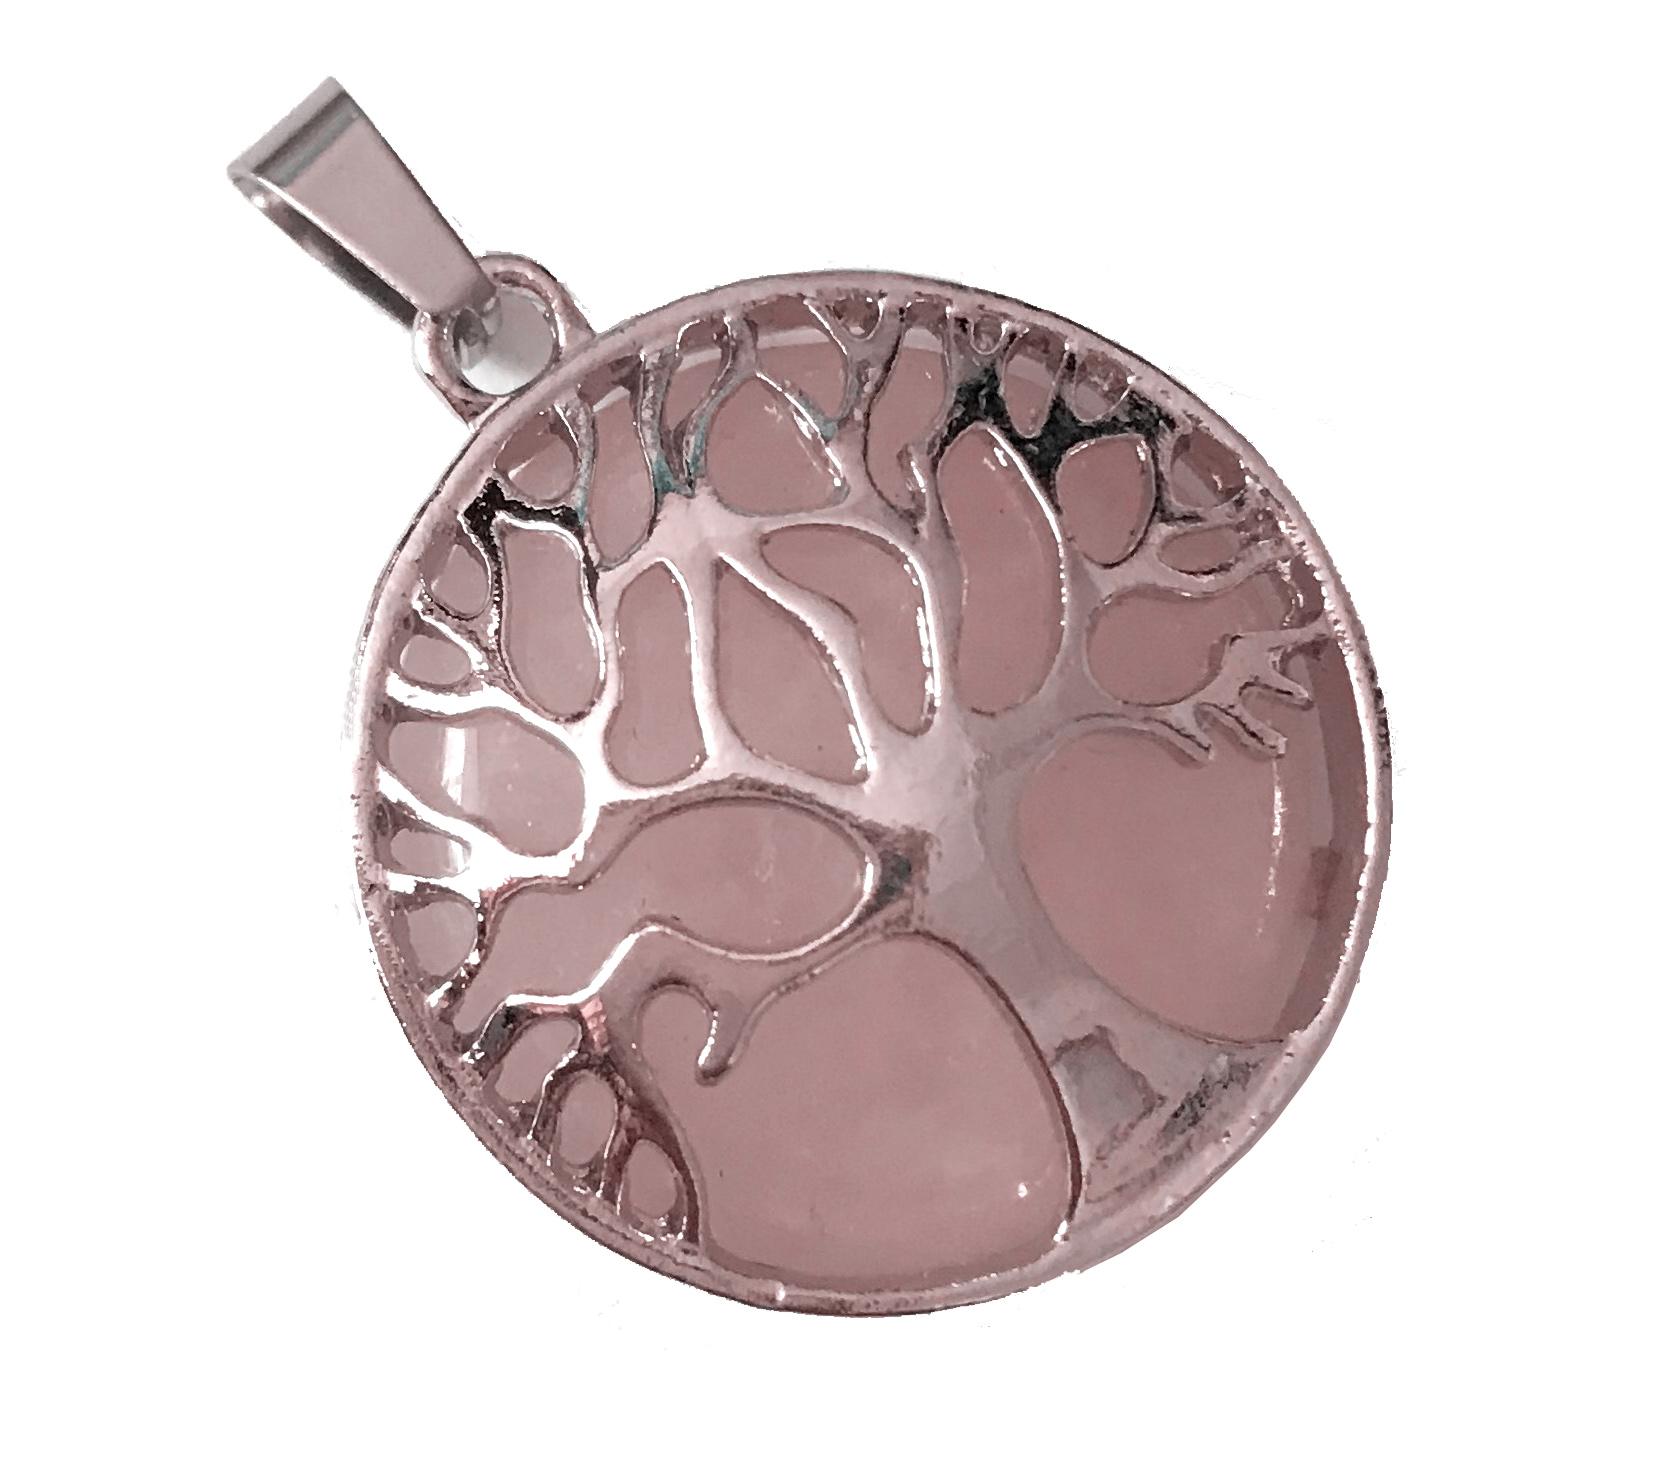 Rose quartz tree of life pendant